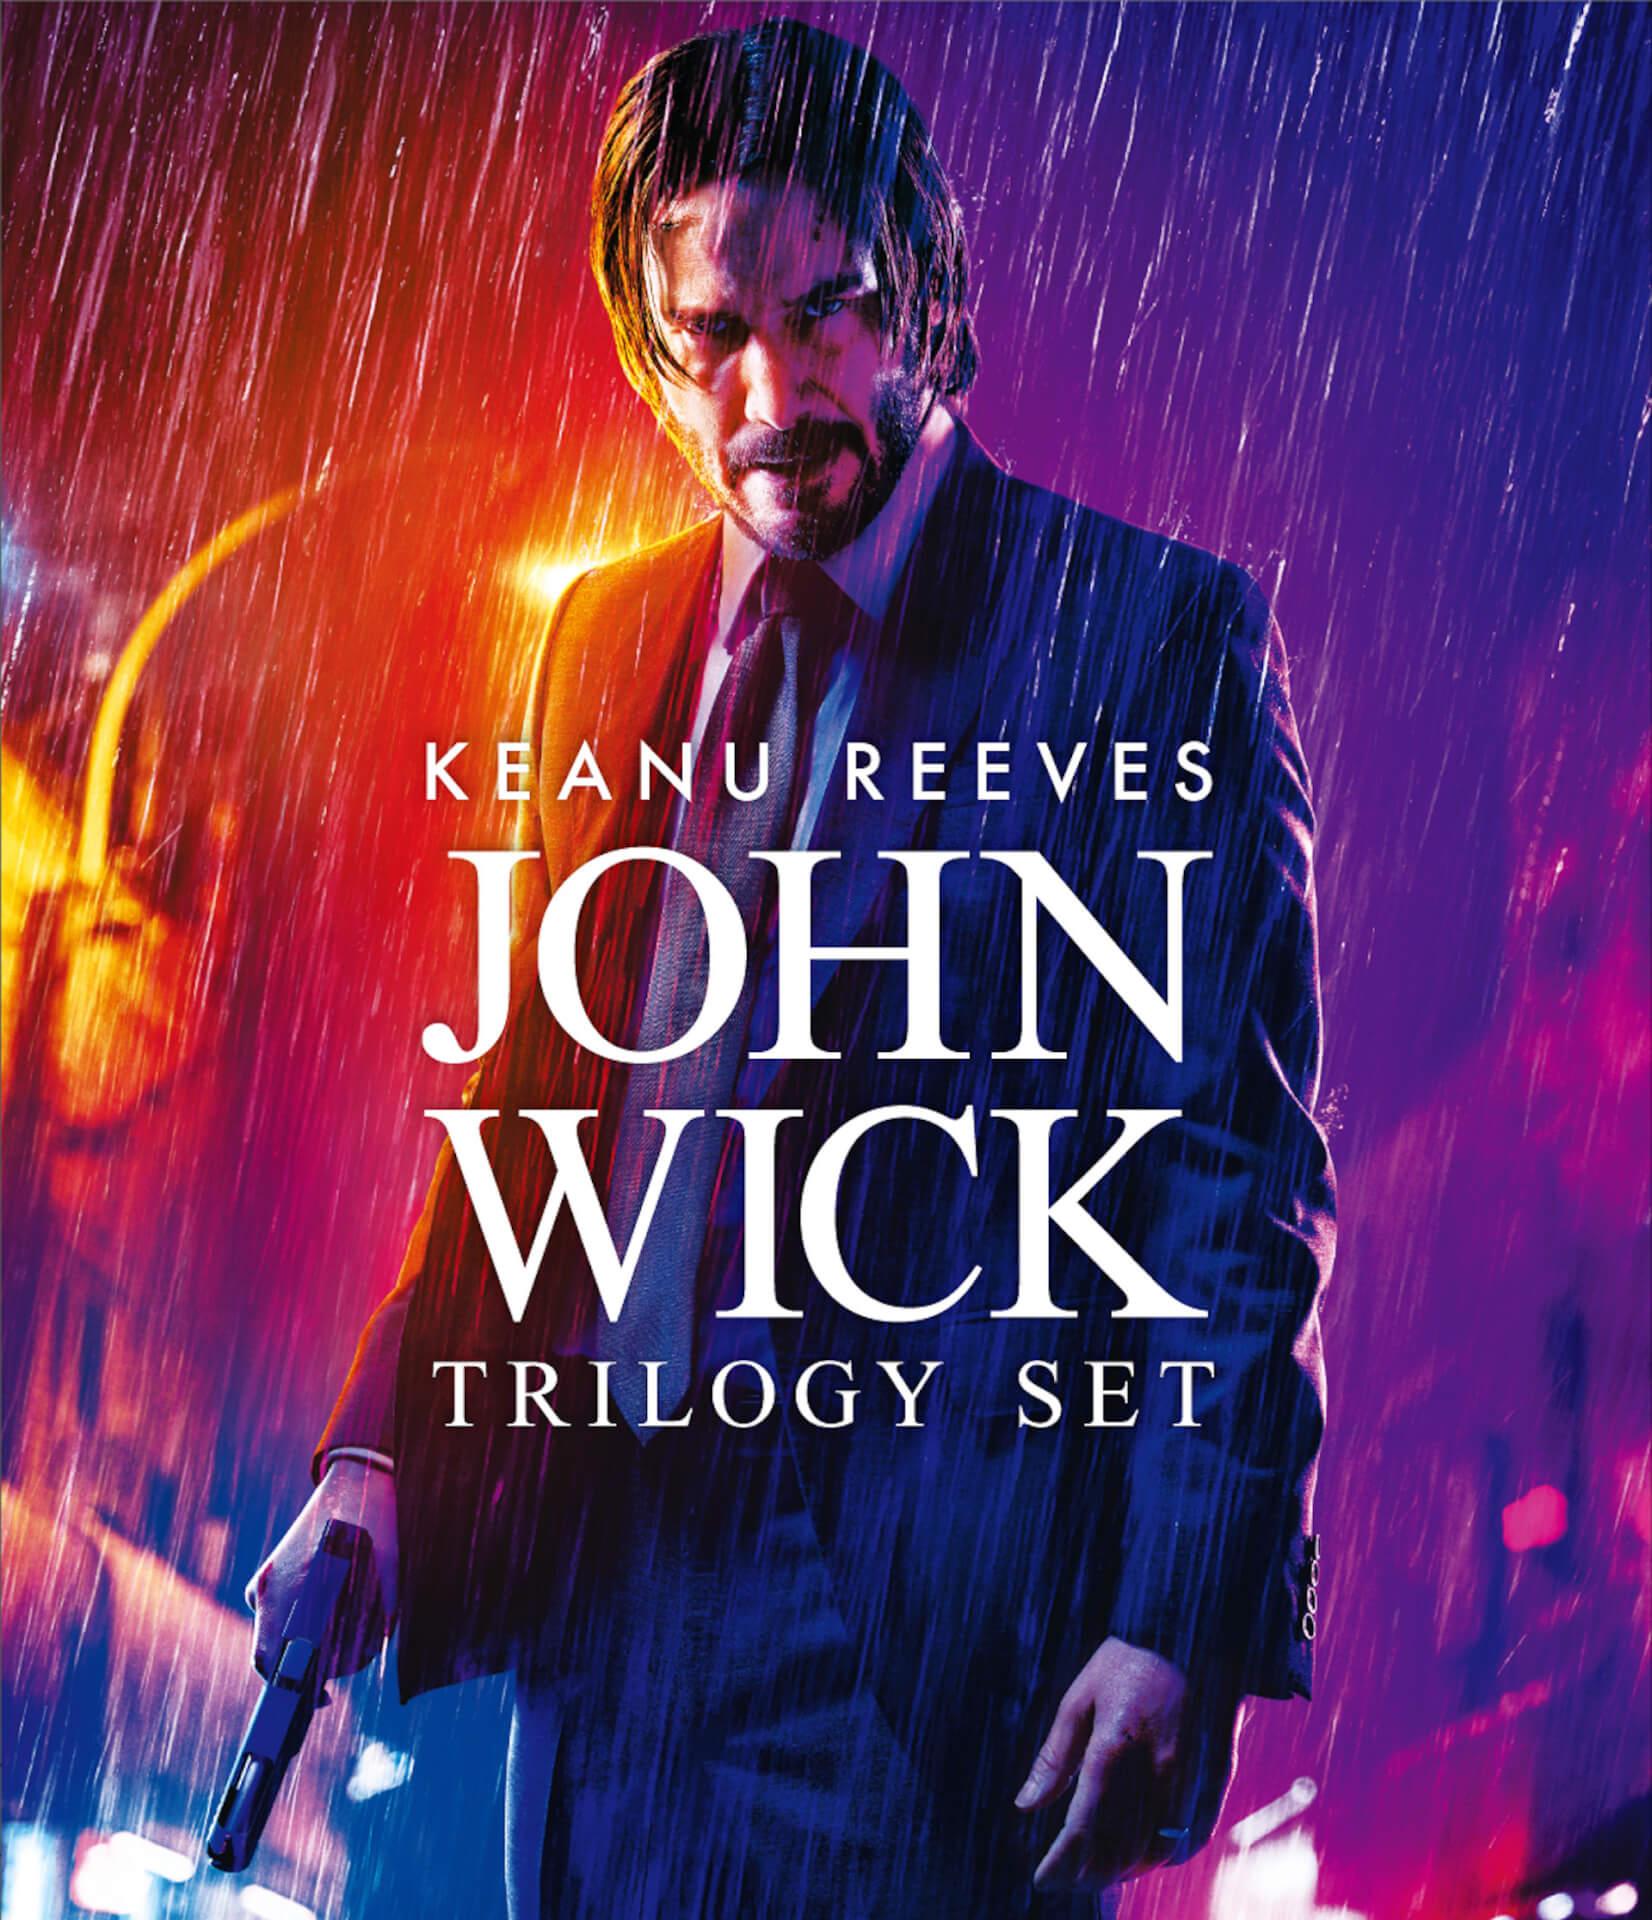 キアヌ・リーブスがあなたの家でガン・フーを披露!『ジョン・ウィック:パラベラム』Blu-ray&DVD、デジタル配信決定 video191225_johnwick_8